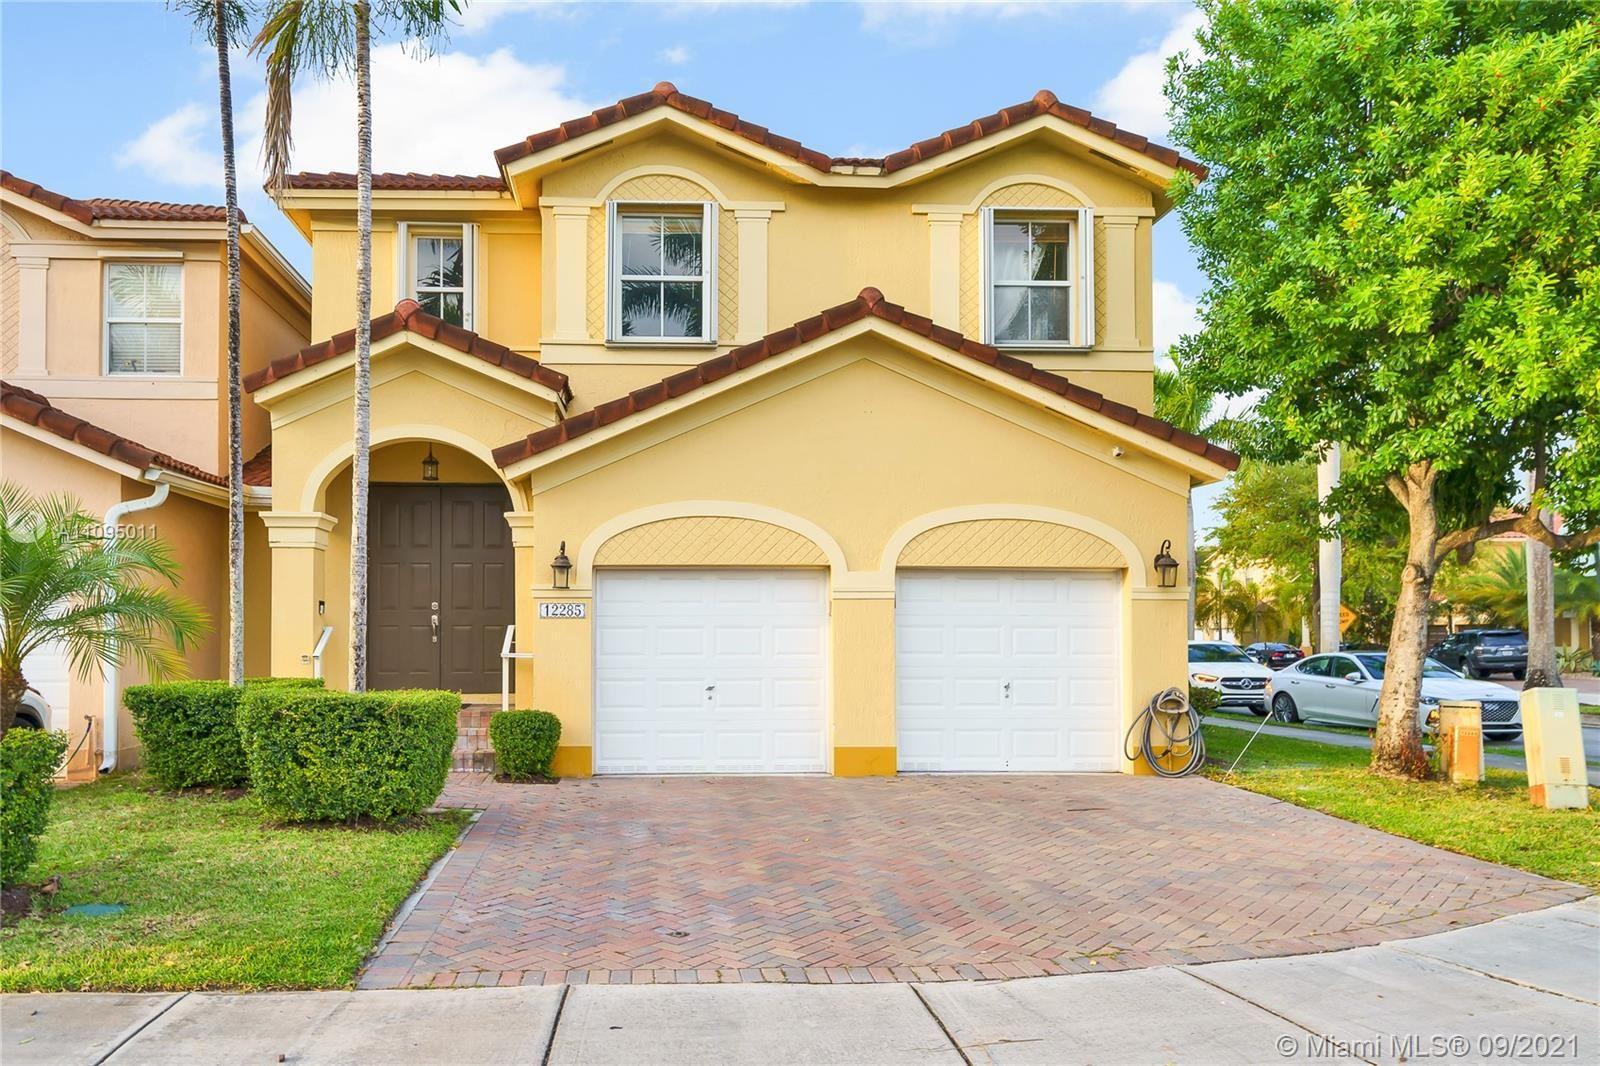 12285 SW 122nd St, Miami, FL 33186 - #: A11095011